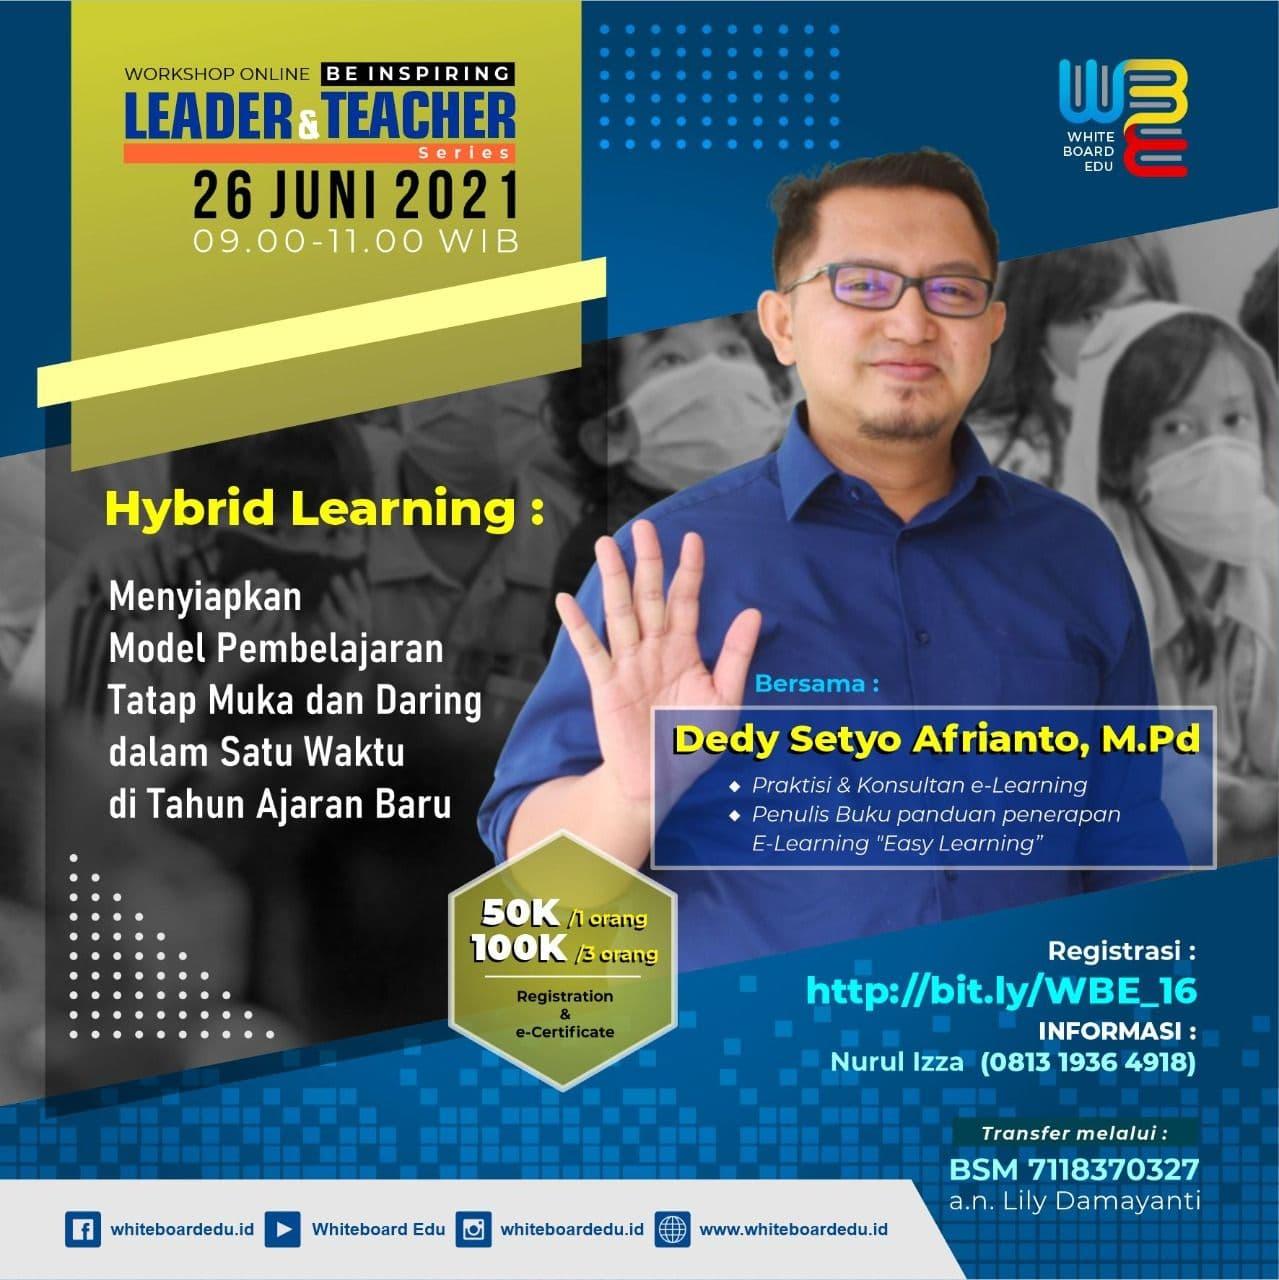 Webinar Hybrid Learning; Menyiapkan Model Pembelajaran Tahun Ajaran Baru